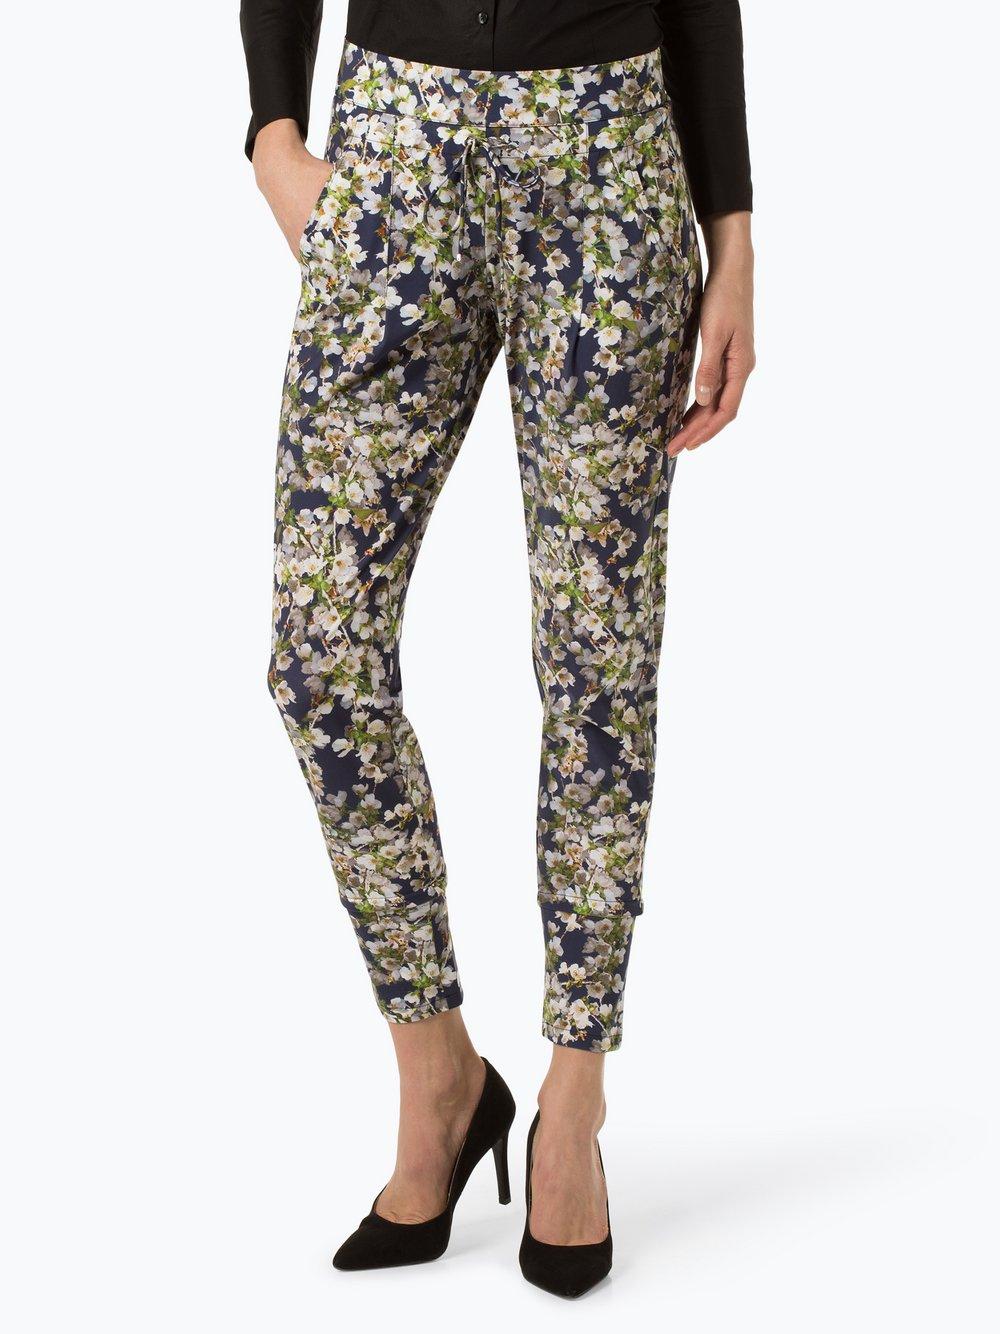 Offizieller Lieferant Durchsuchen Sie die neuesten Kollektionen gut aus x RAFFAELLO ROSSI Damen Hose - Candice online kaufen ...